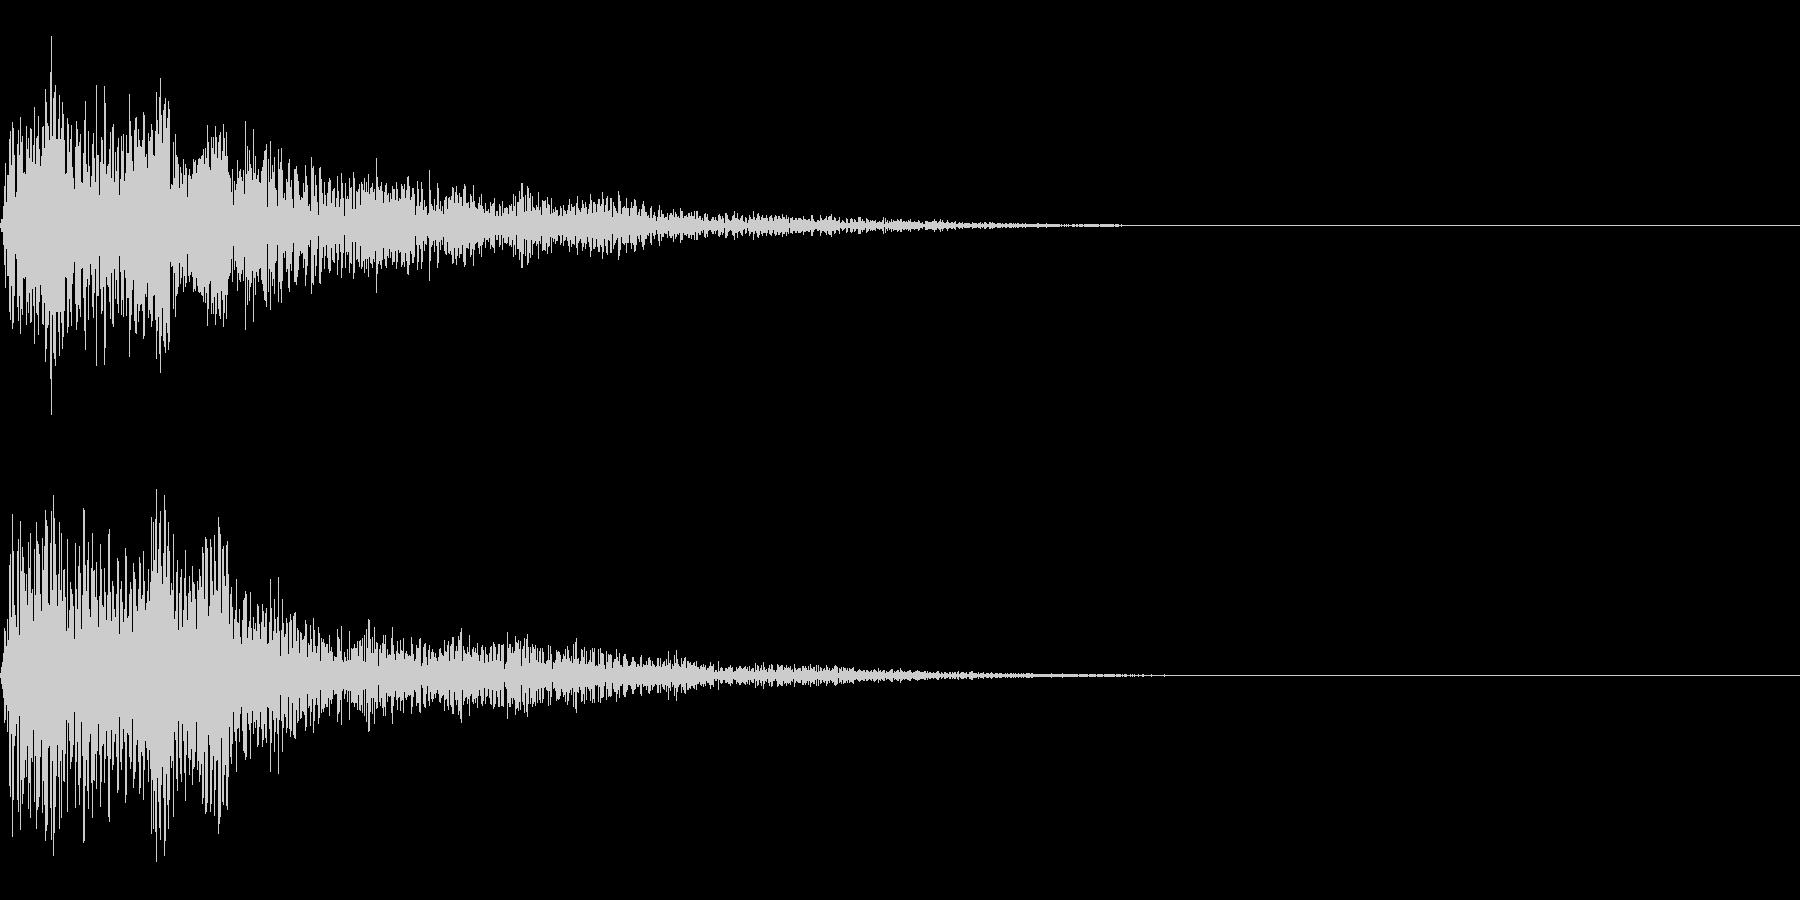 ニュースの効果音 スマートな音 の未再生の波形